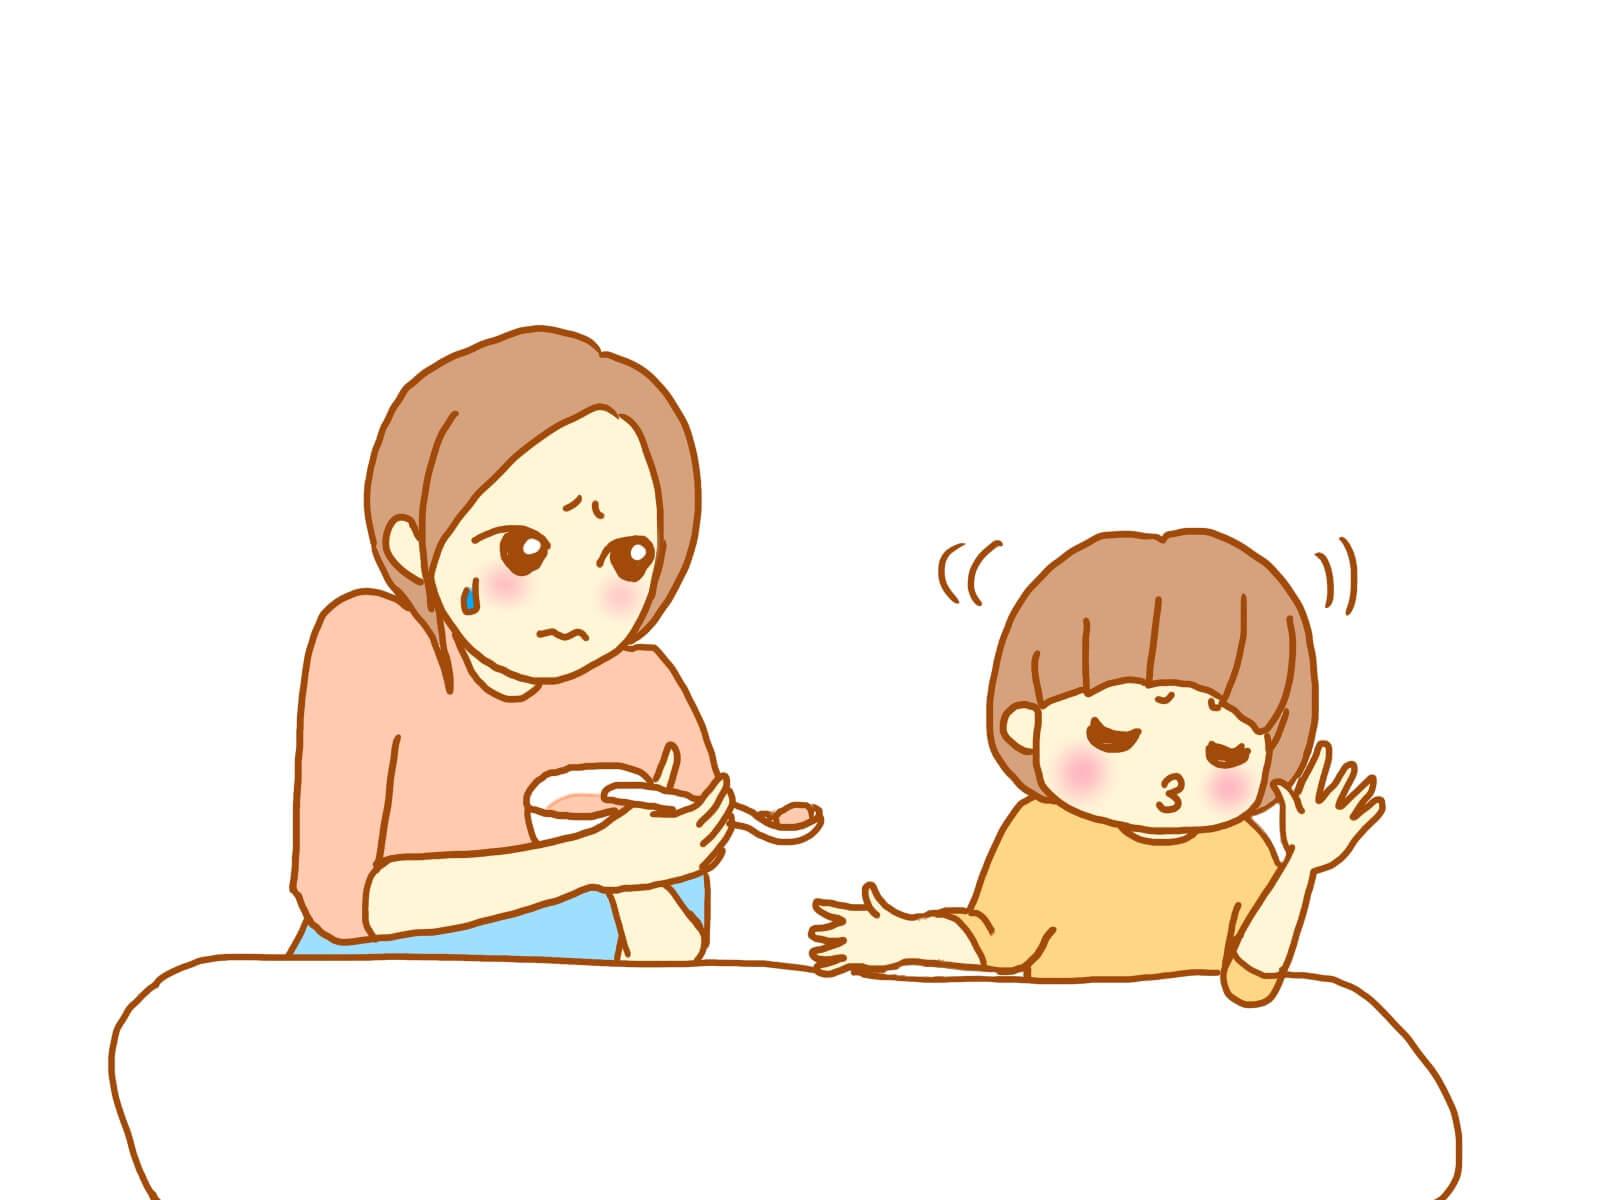 3歳児がご飯を食べてくれない!イライラしちゃうママへのアドバイス